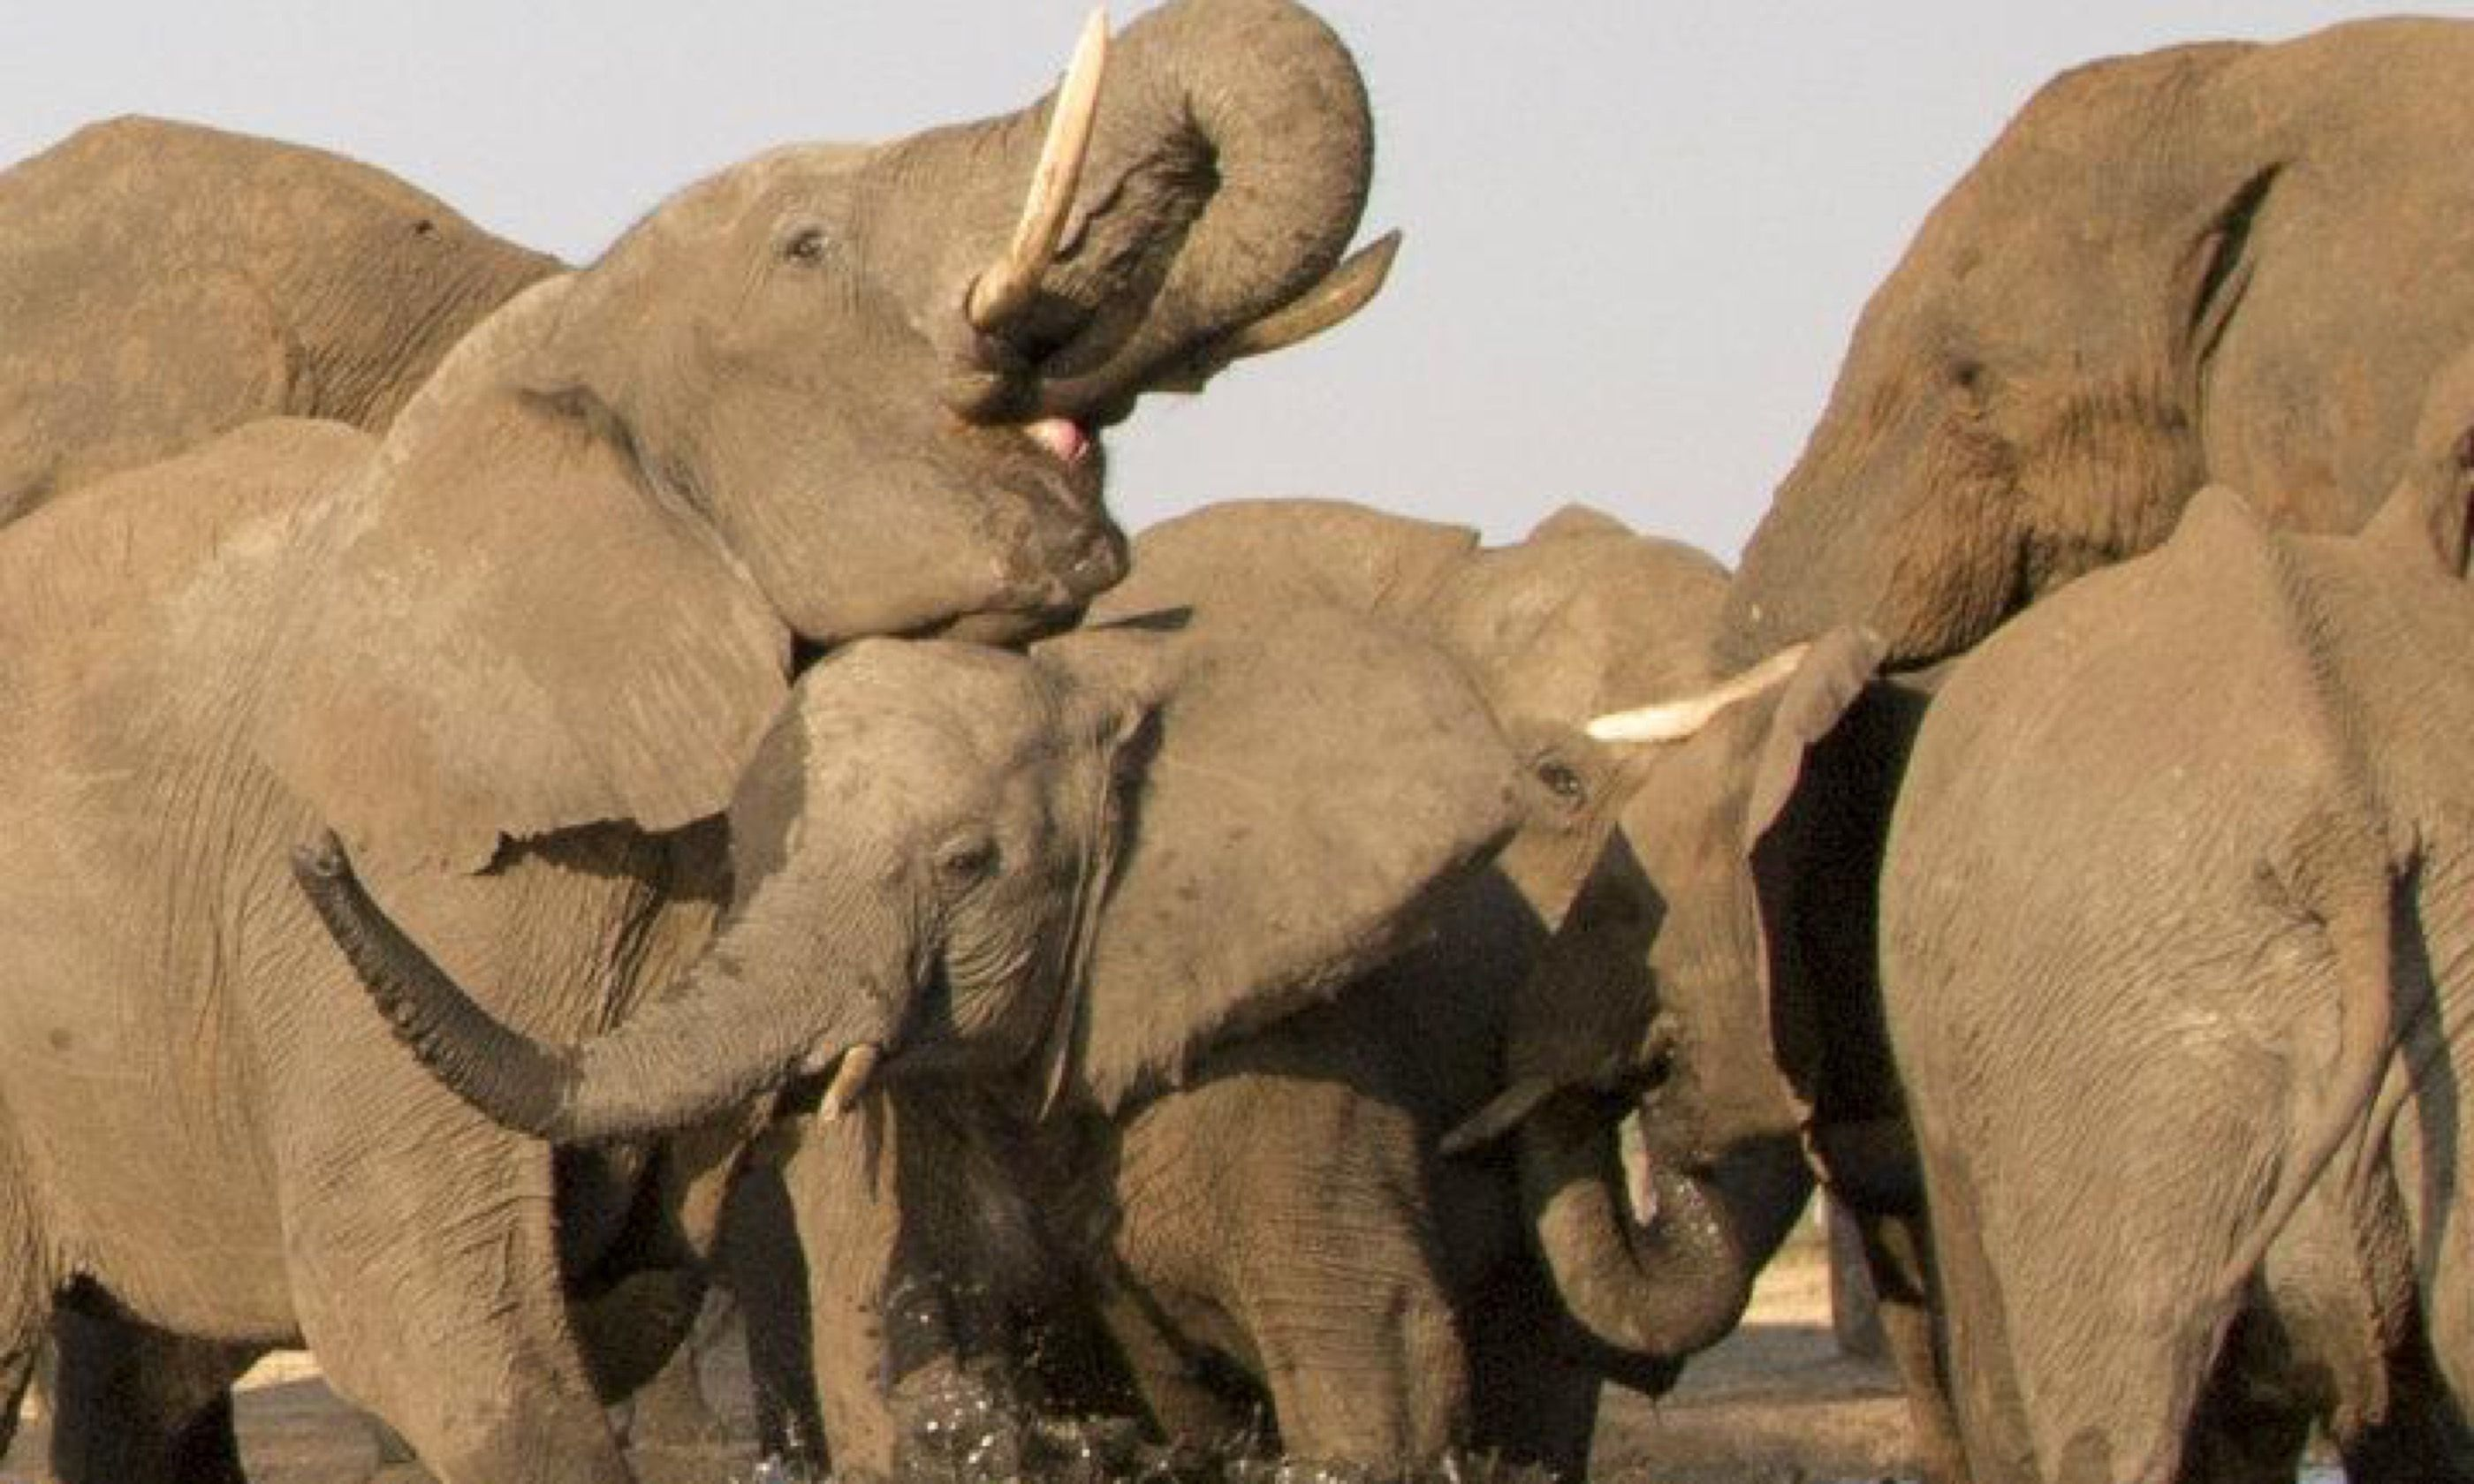 Elephants (Edwina Cagol)